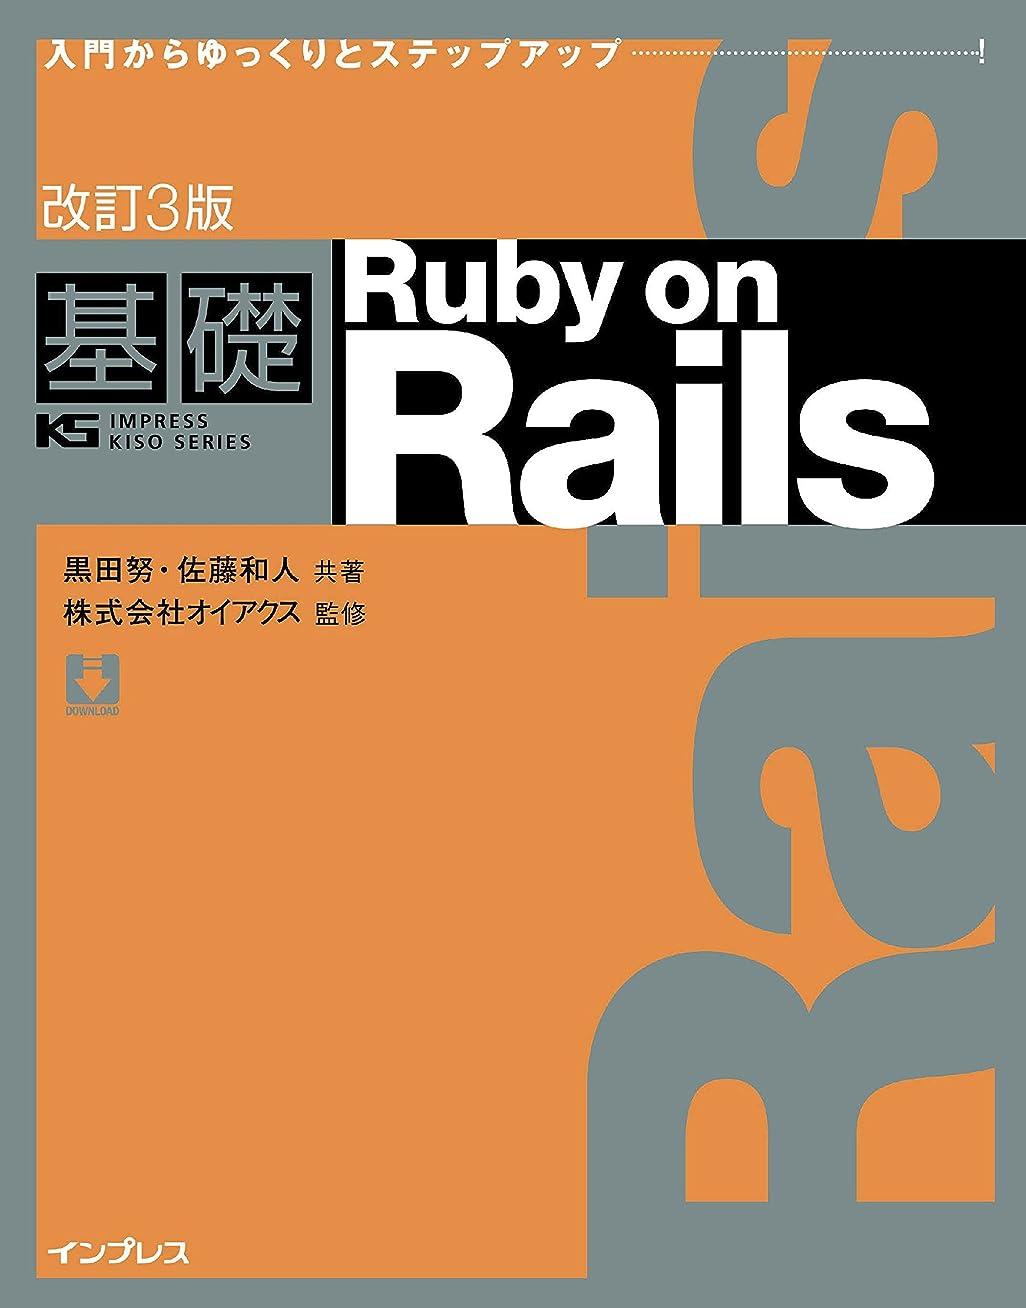 超越するライトニング侵入する改訂3版 基礎 Ruby on Rails 基礎シリーズ